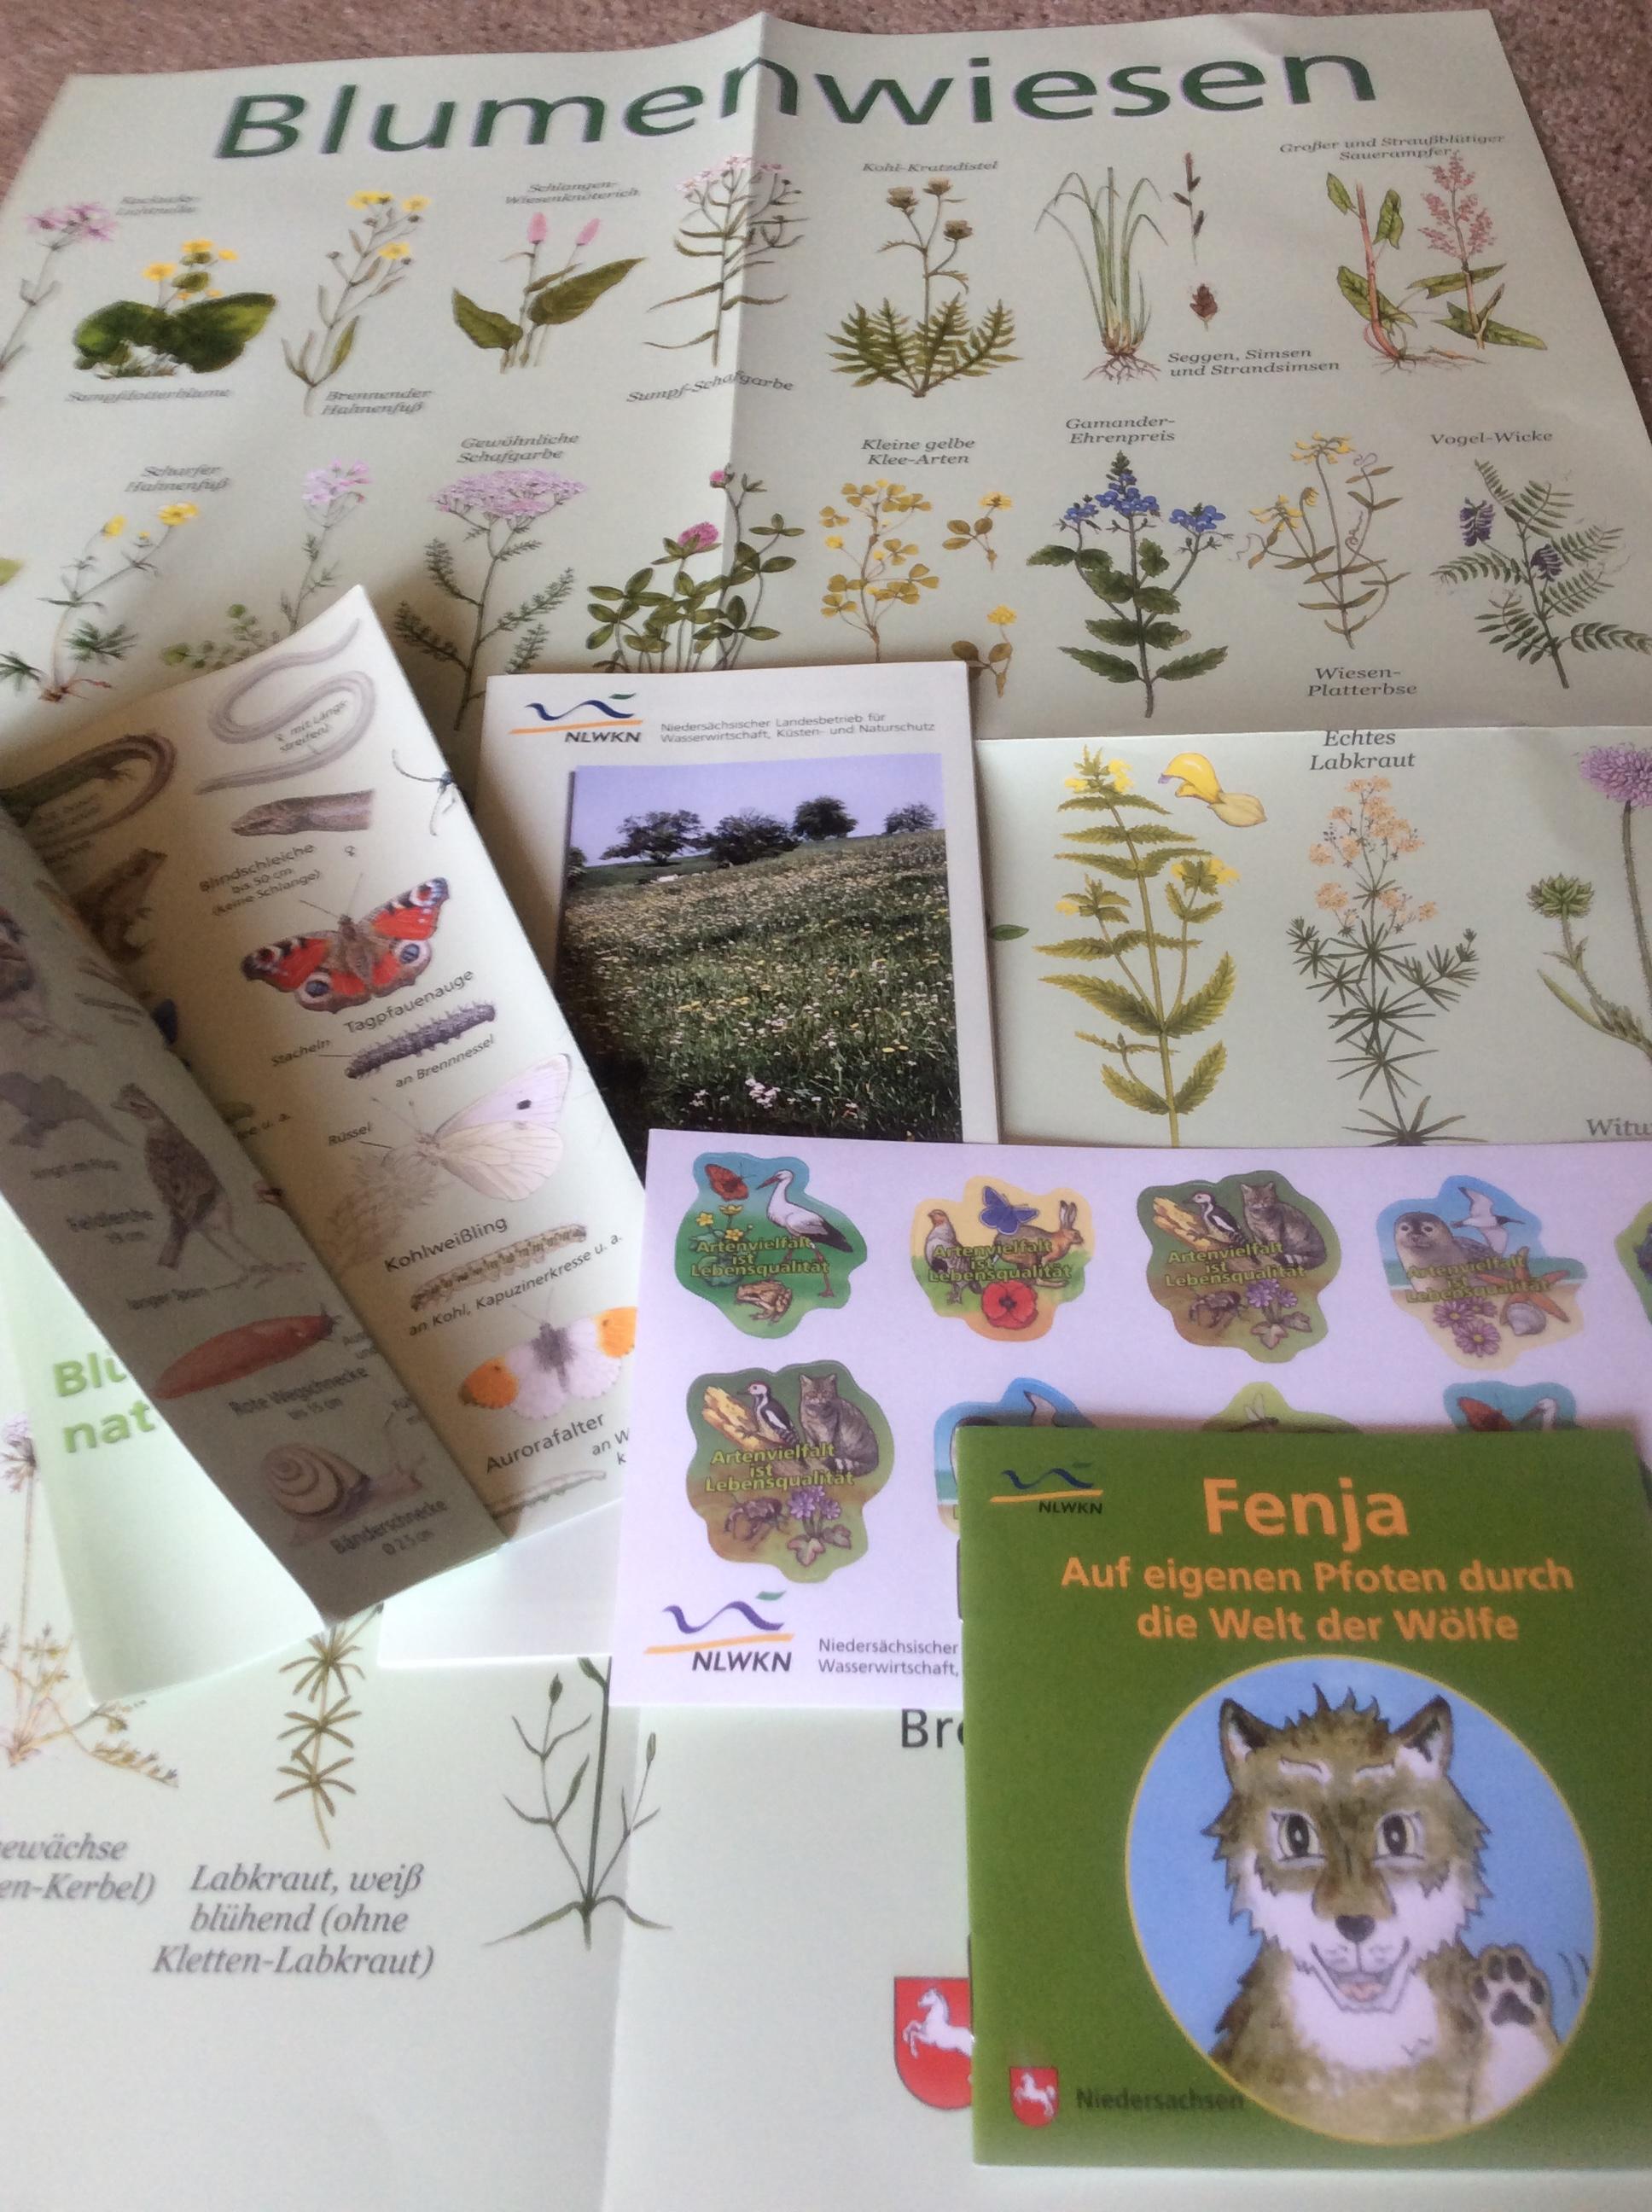 [NLWKN] Blumenwiesenposter, Tier- & Pflanzenbroschüren, Sticker, Kinderbüchlein (gratis)